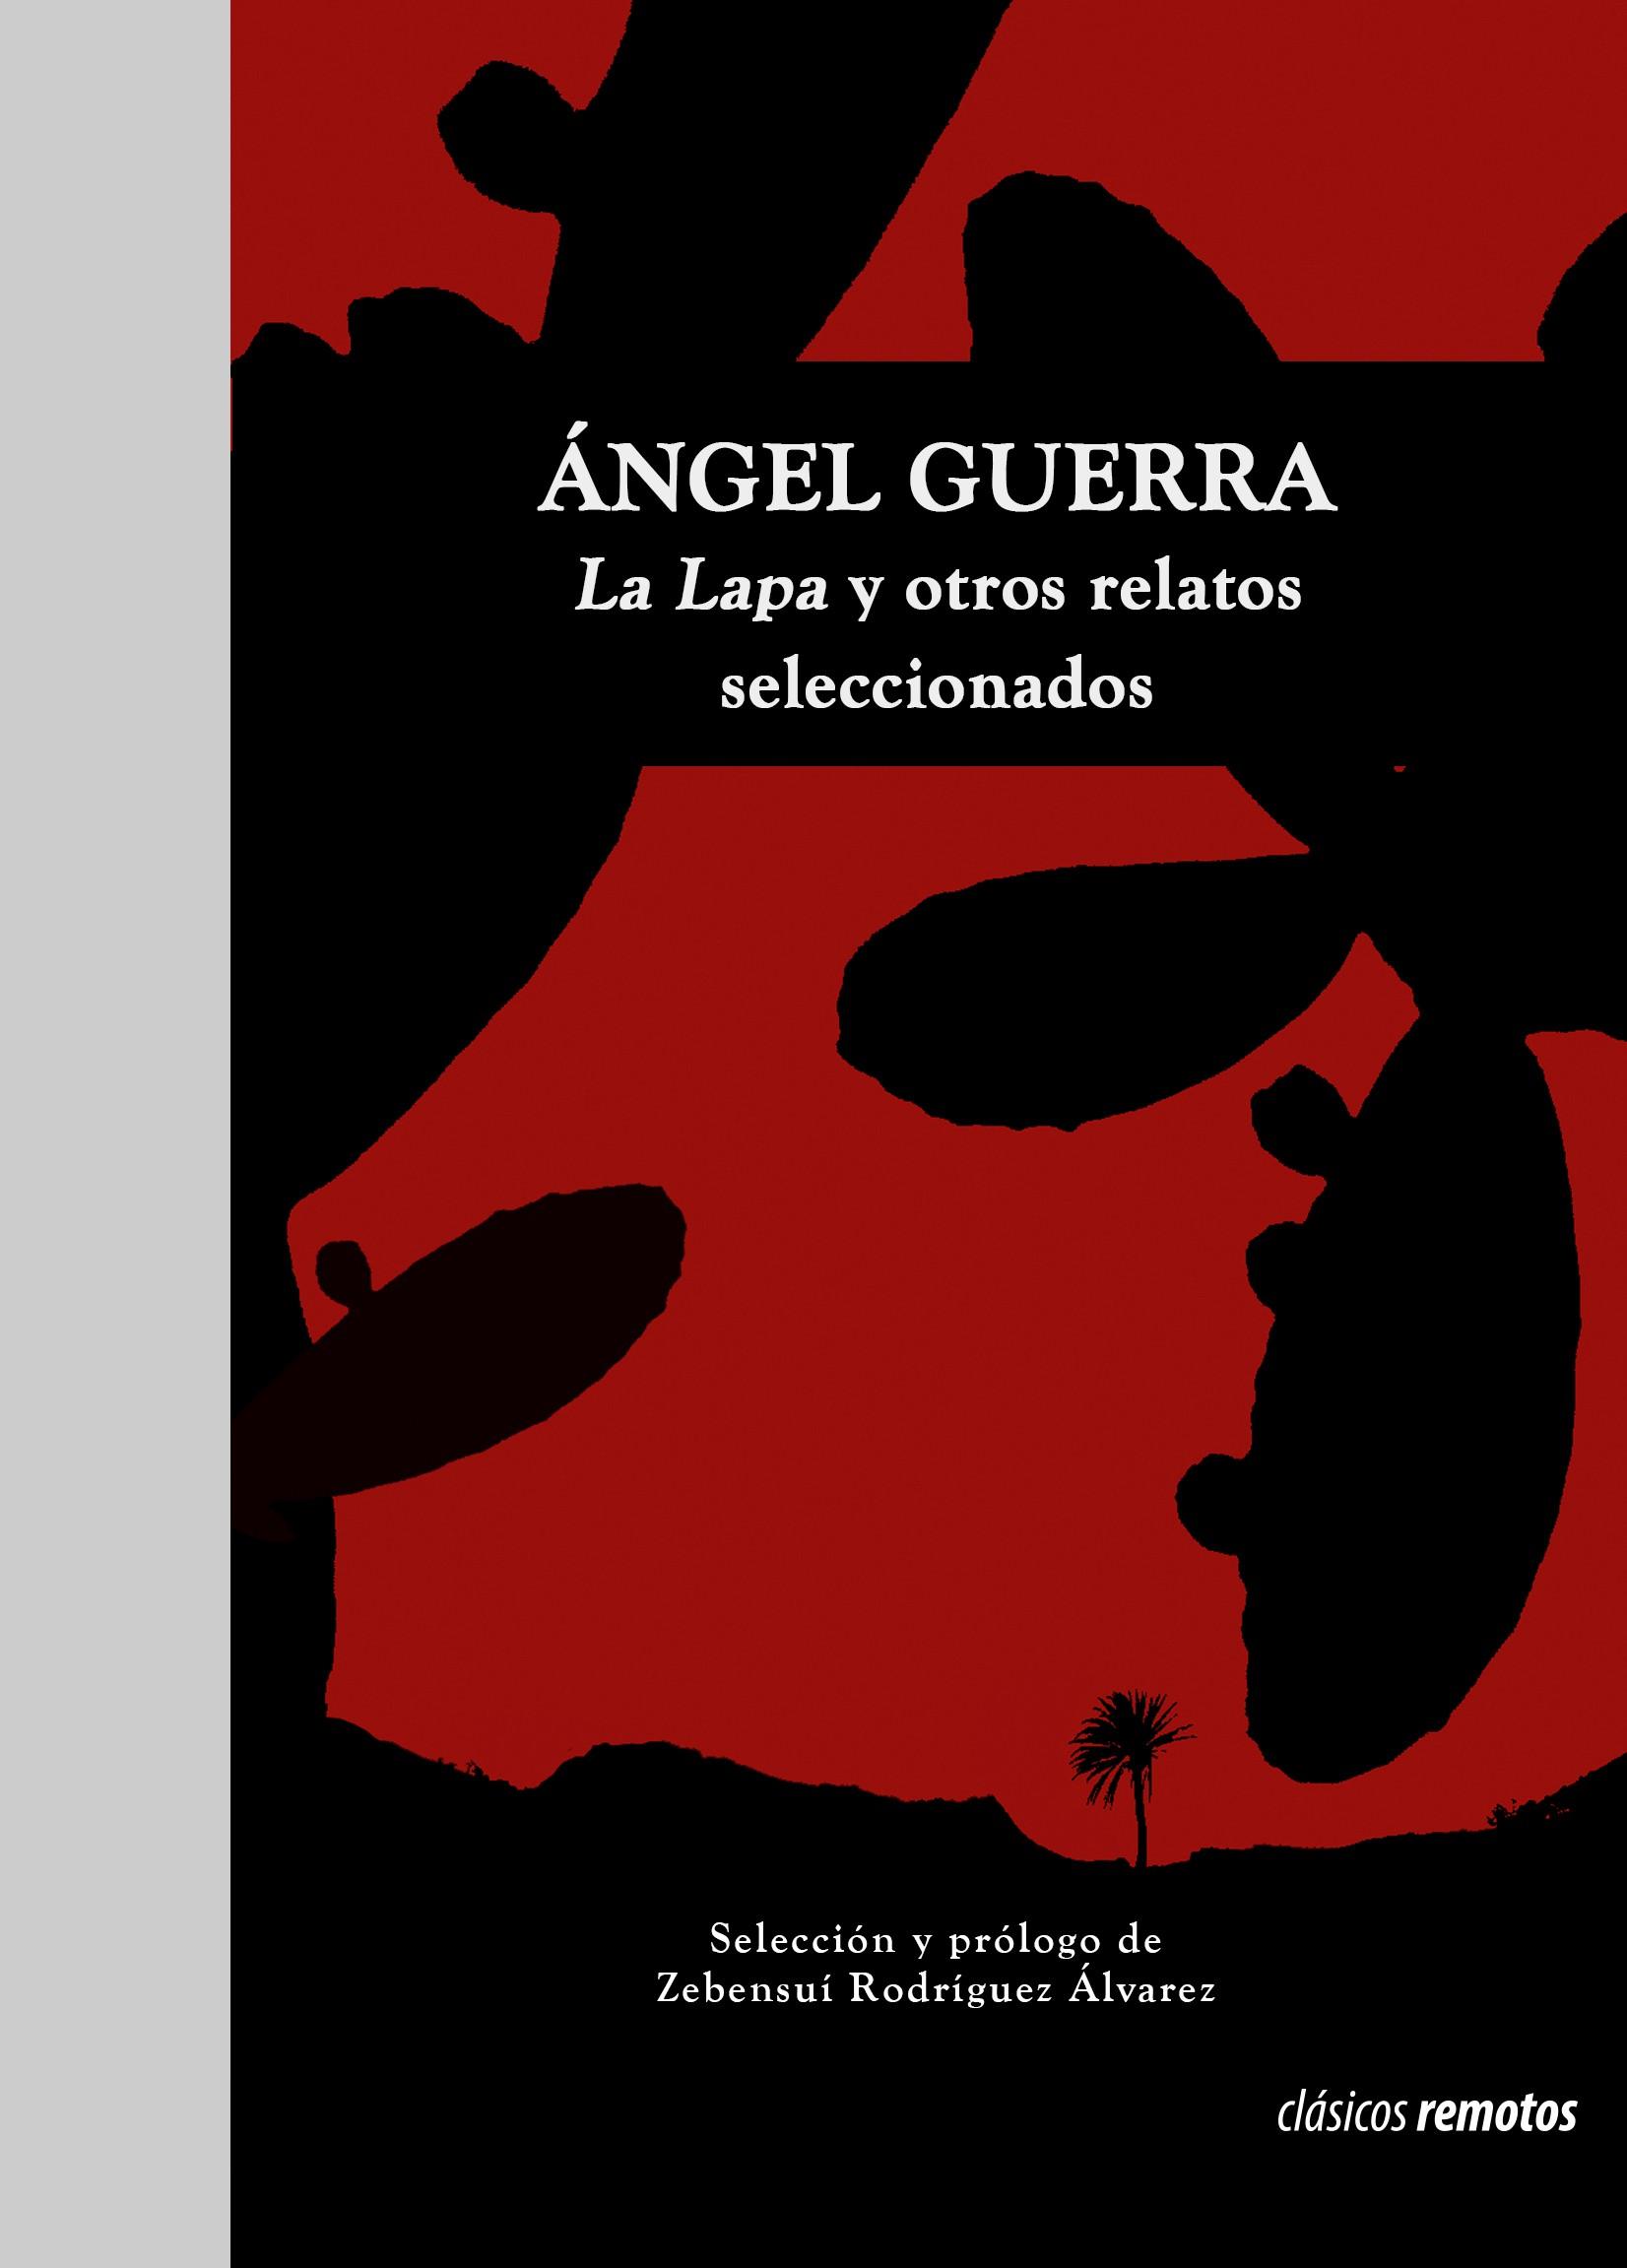 Ángel Guerra. La Lapa y otros relatos seleccionados